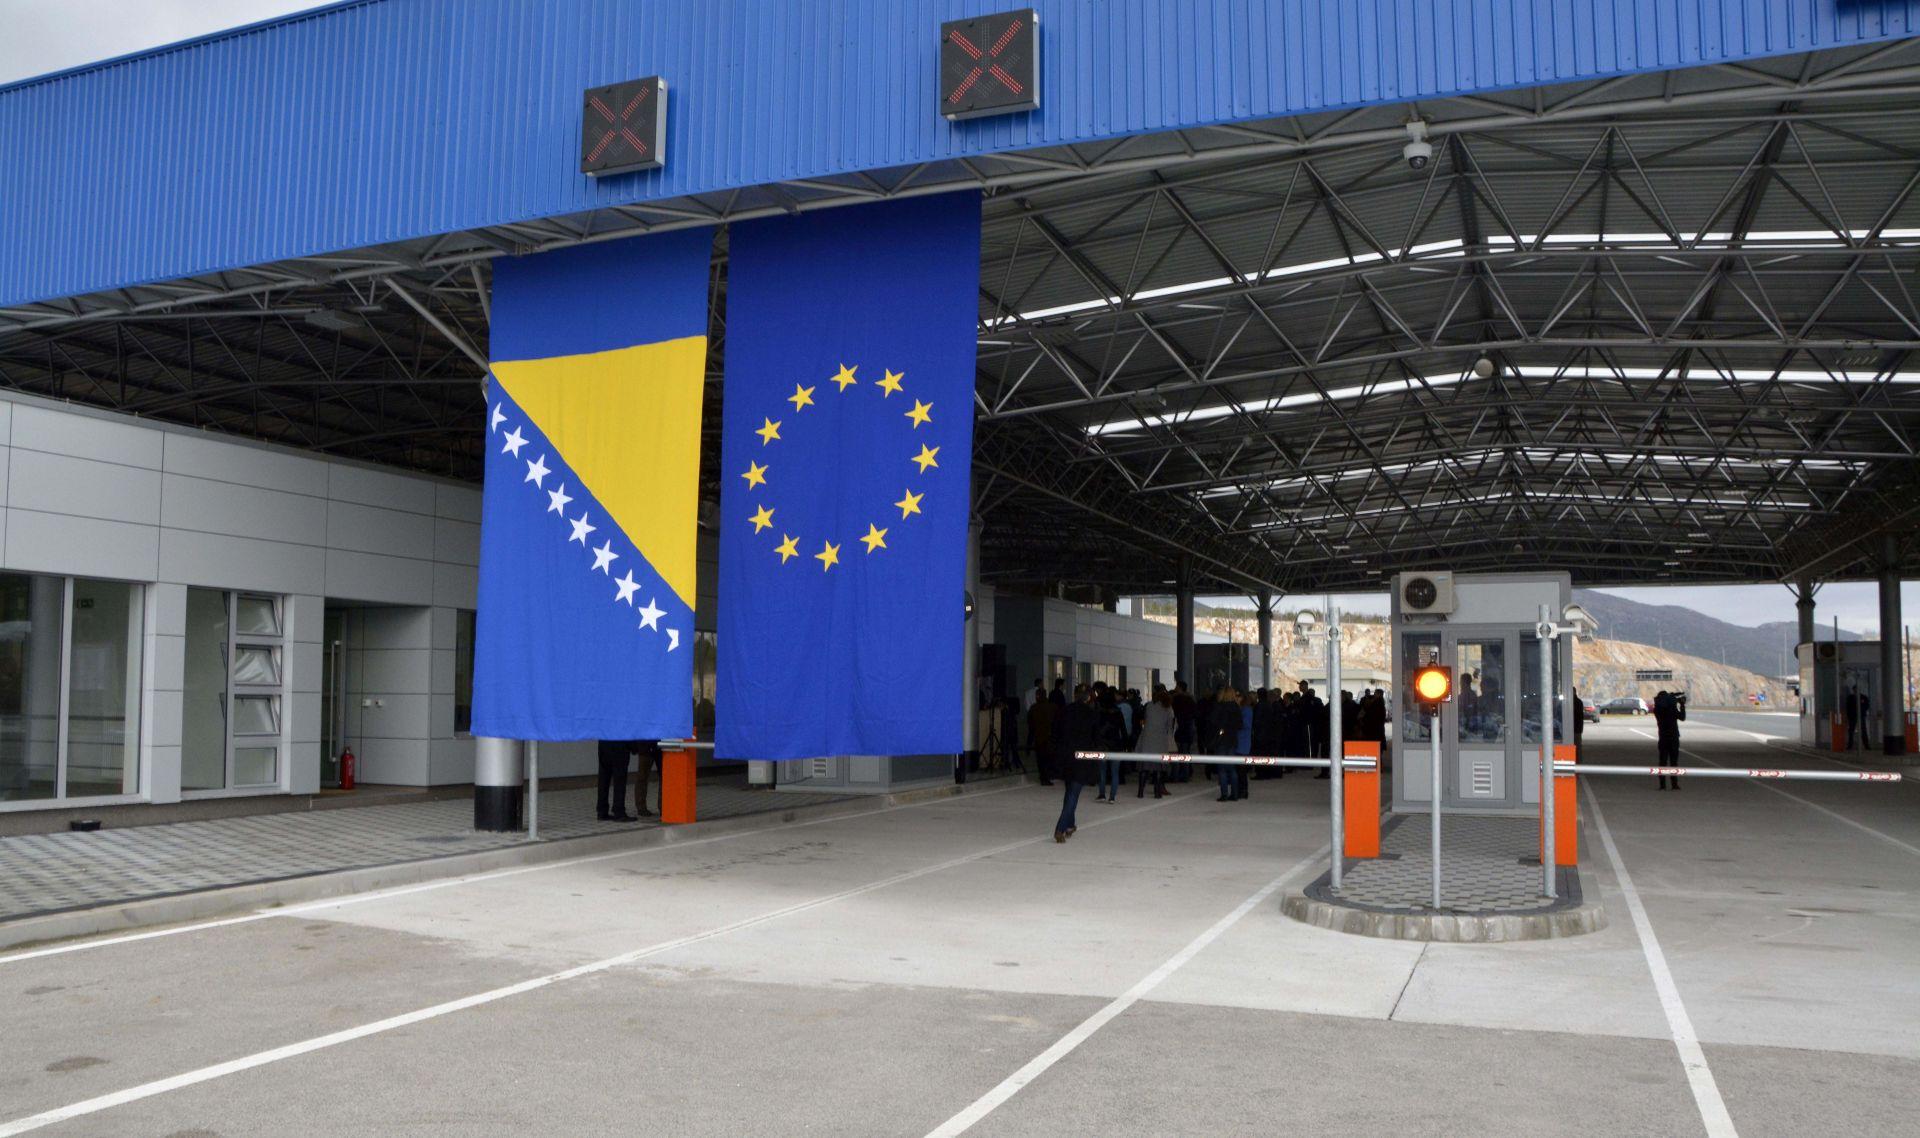 Pripadnik Granične policije uzeo novac i pustio lica sa zaraženog područja u BiH, uhapšen